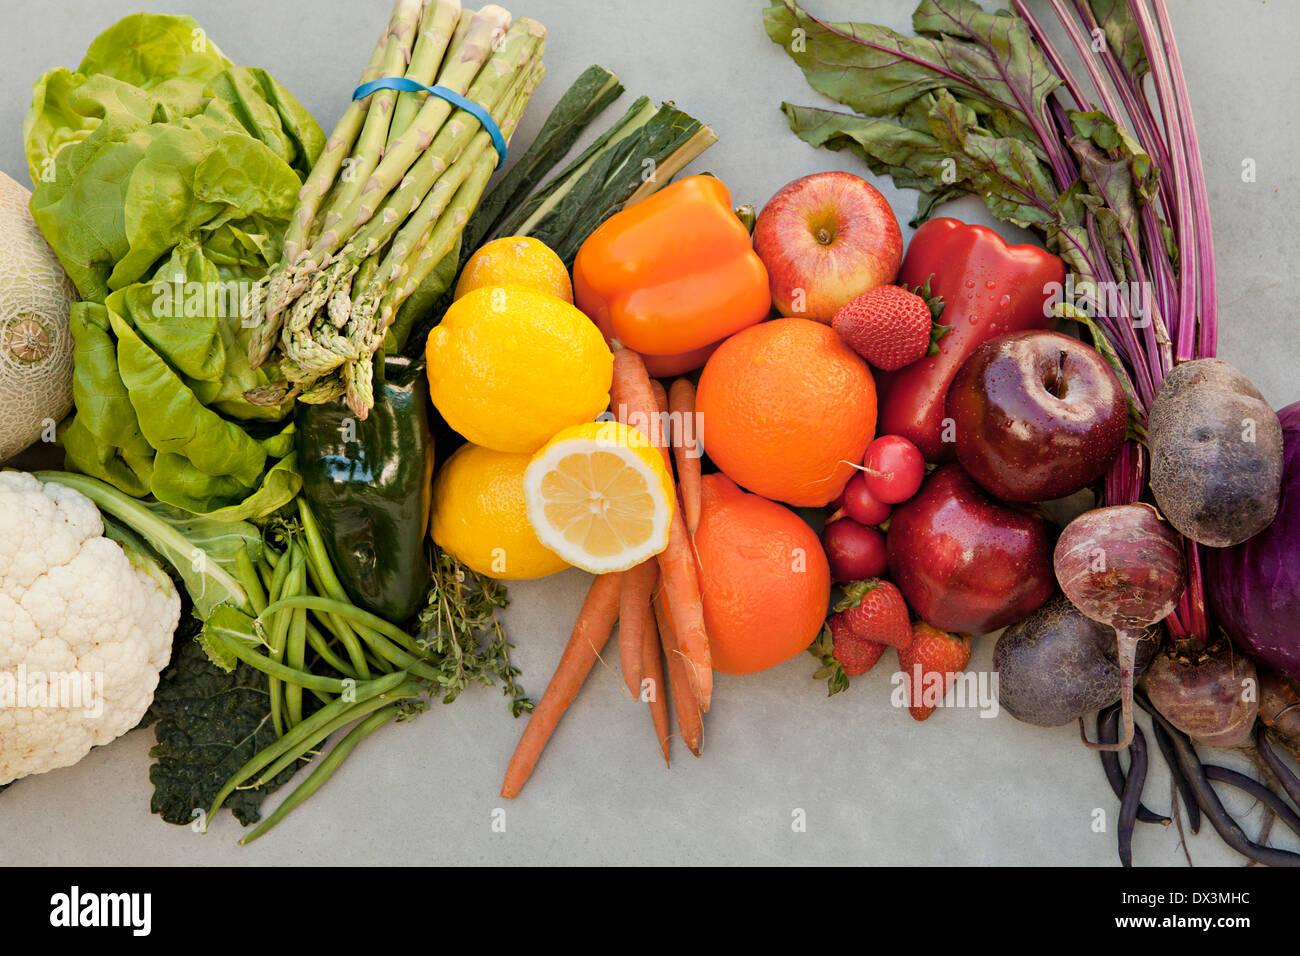 Abbondante varietà multicolore di frutta e verdura Organizzati per colore su sfondo grigio, direttamente al di sopra di Immagini Stock